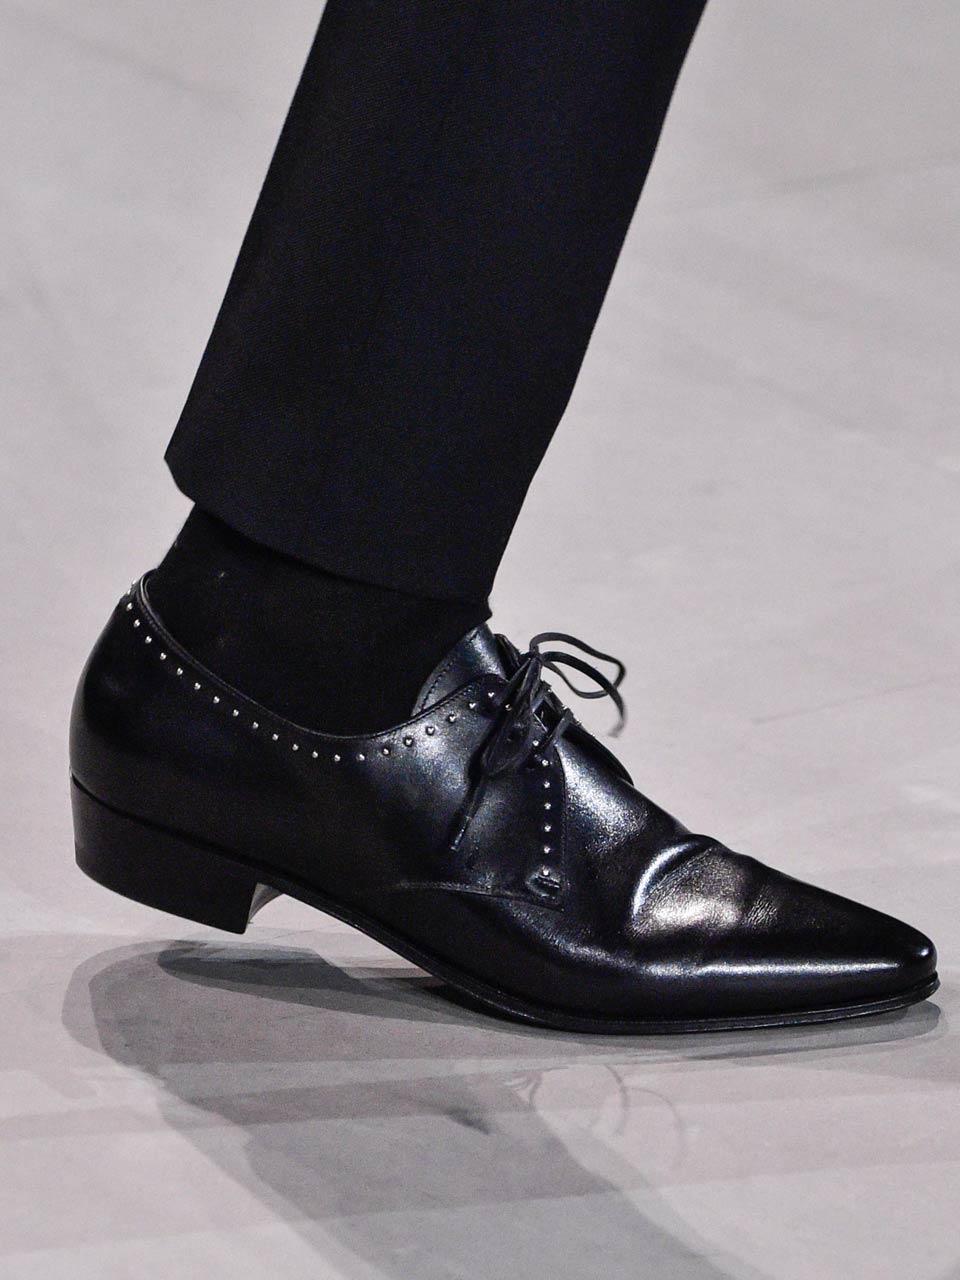 Vitesses La Chaussure Secteur À Le En Marche Italie Deux De 7gY6ybf